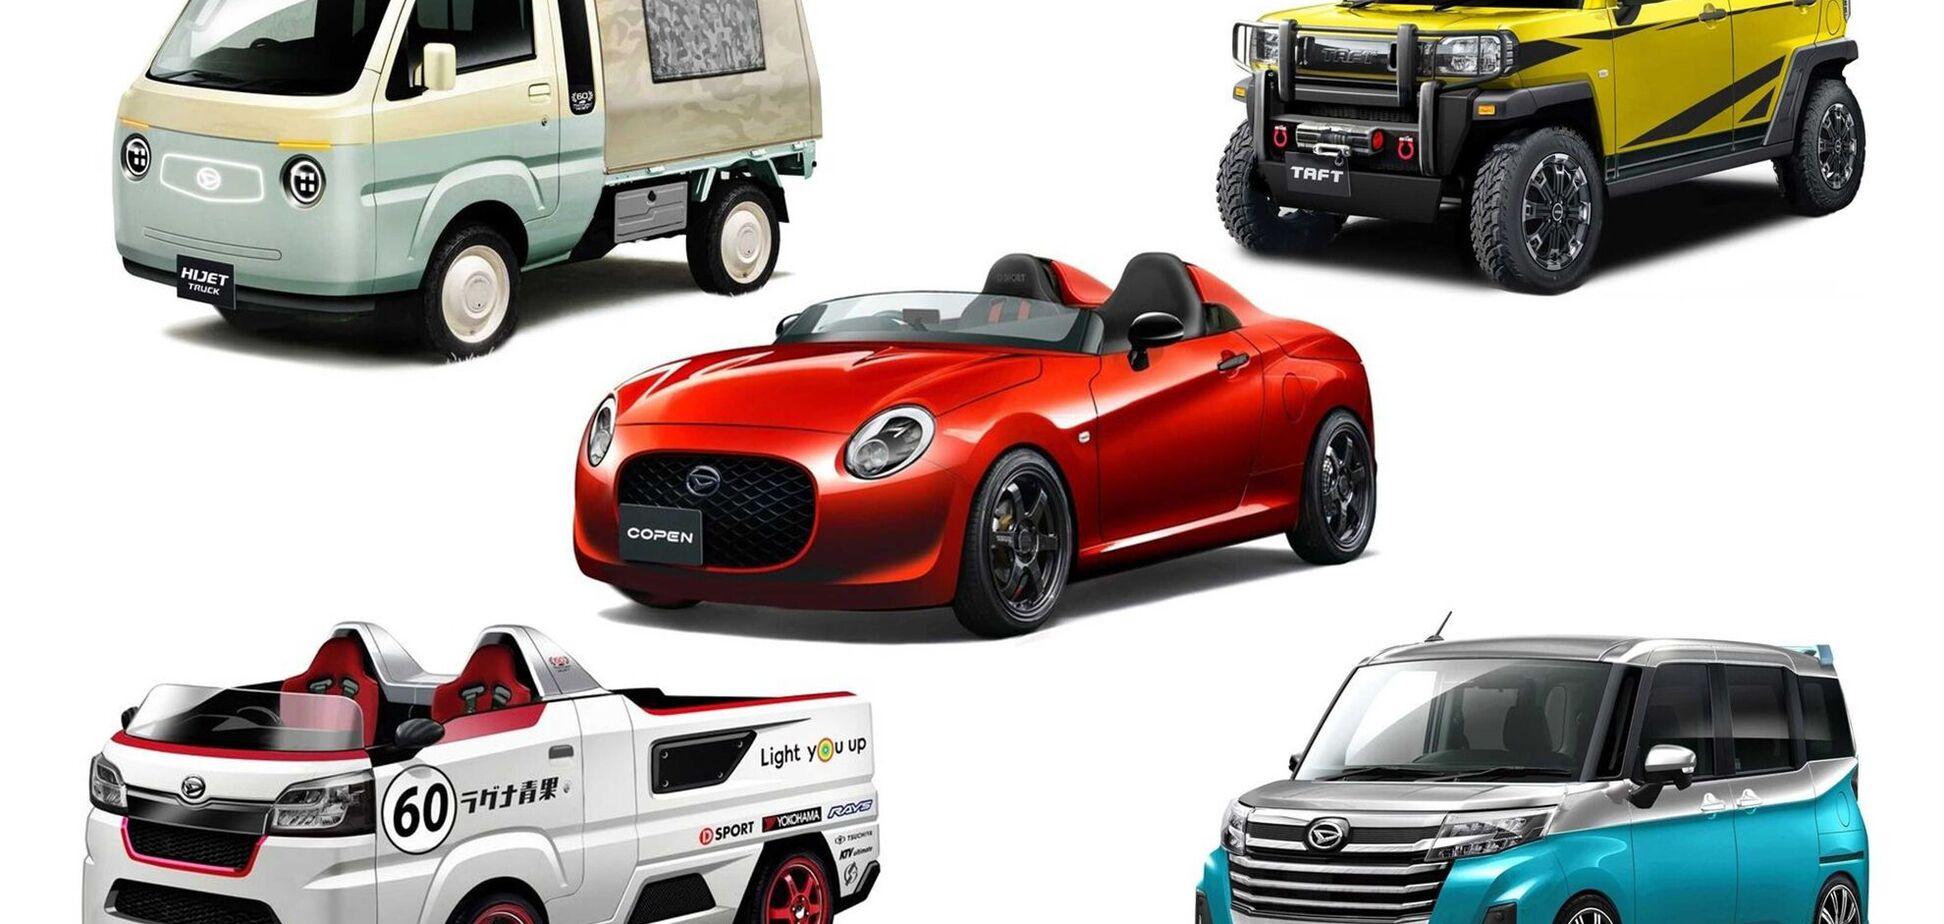 Daihatsu подготовила 5 концептов к виртуальному автошоу в Токио